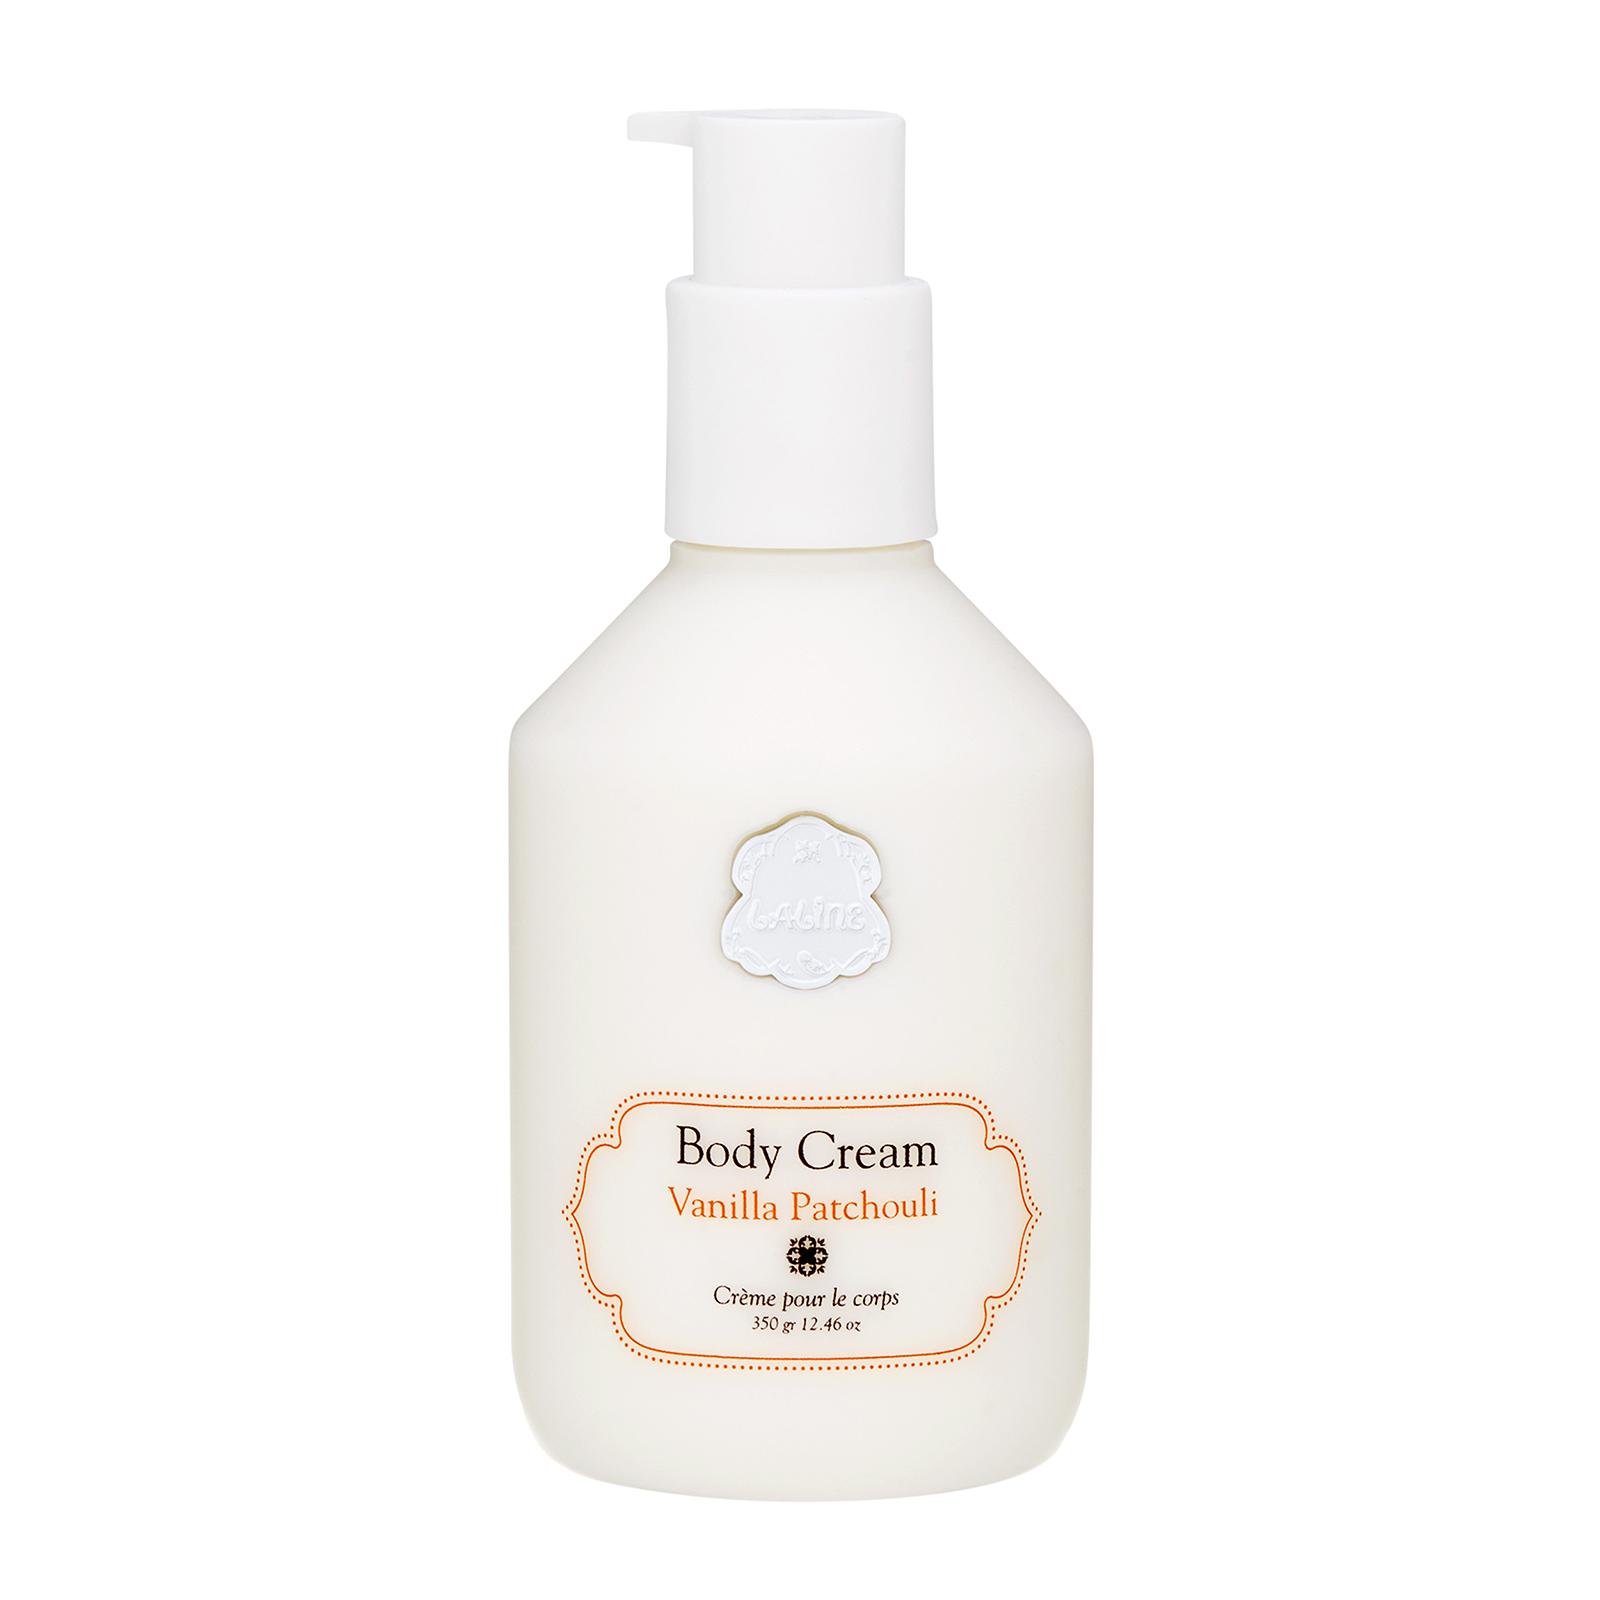 Laline Vanilla Patchouli  Body Cream 12.46oz, 350g